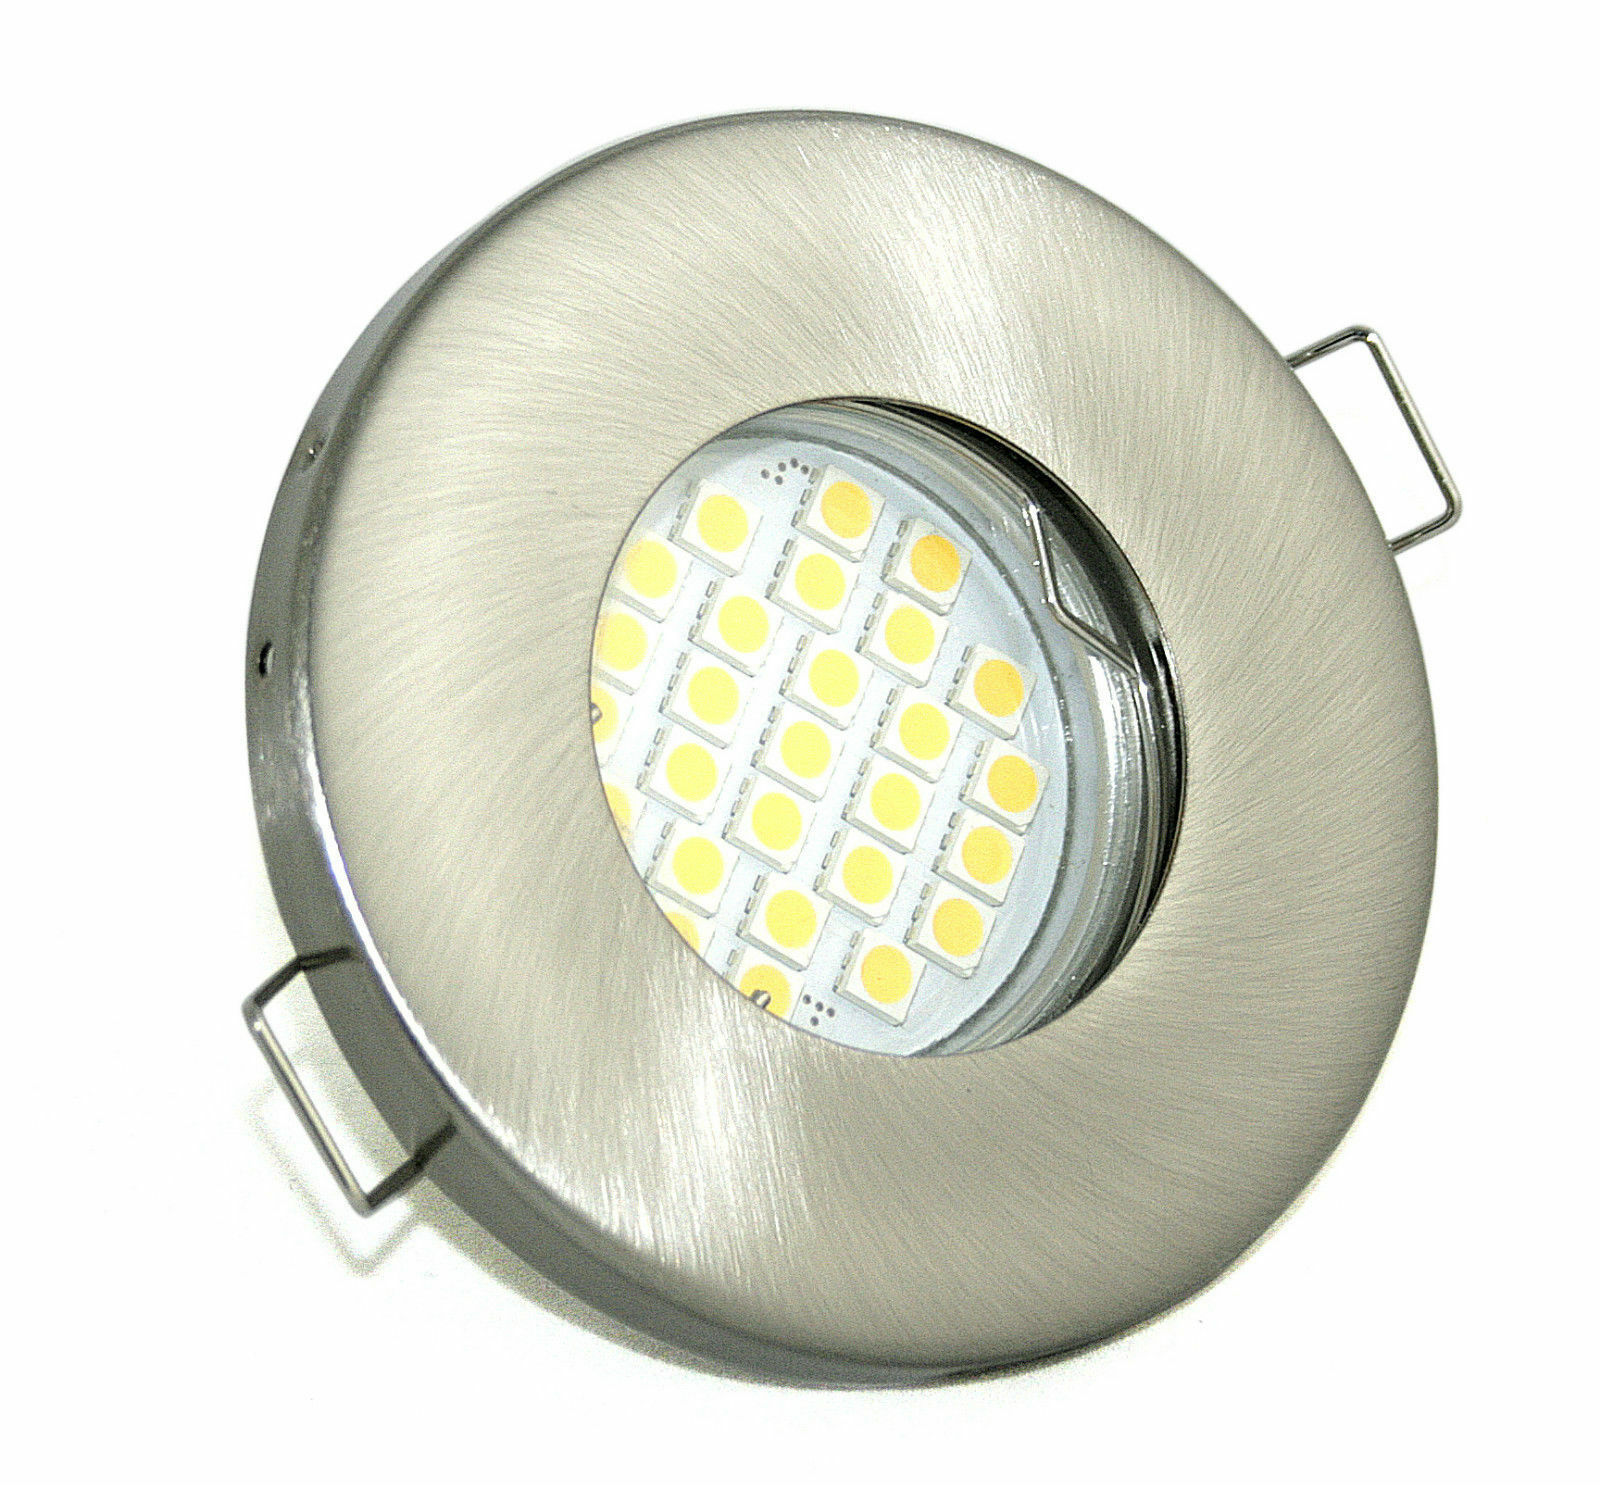 6er Set Bad Einbaustrahler IP65 + LED 4,5W 12V Einbauspot Dusche Badezimmer